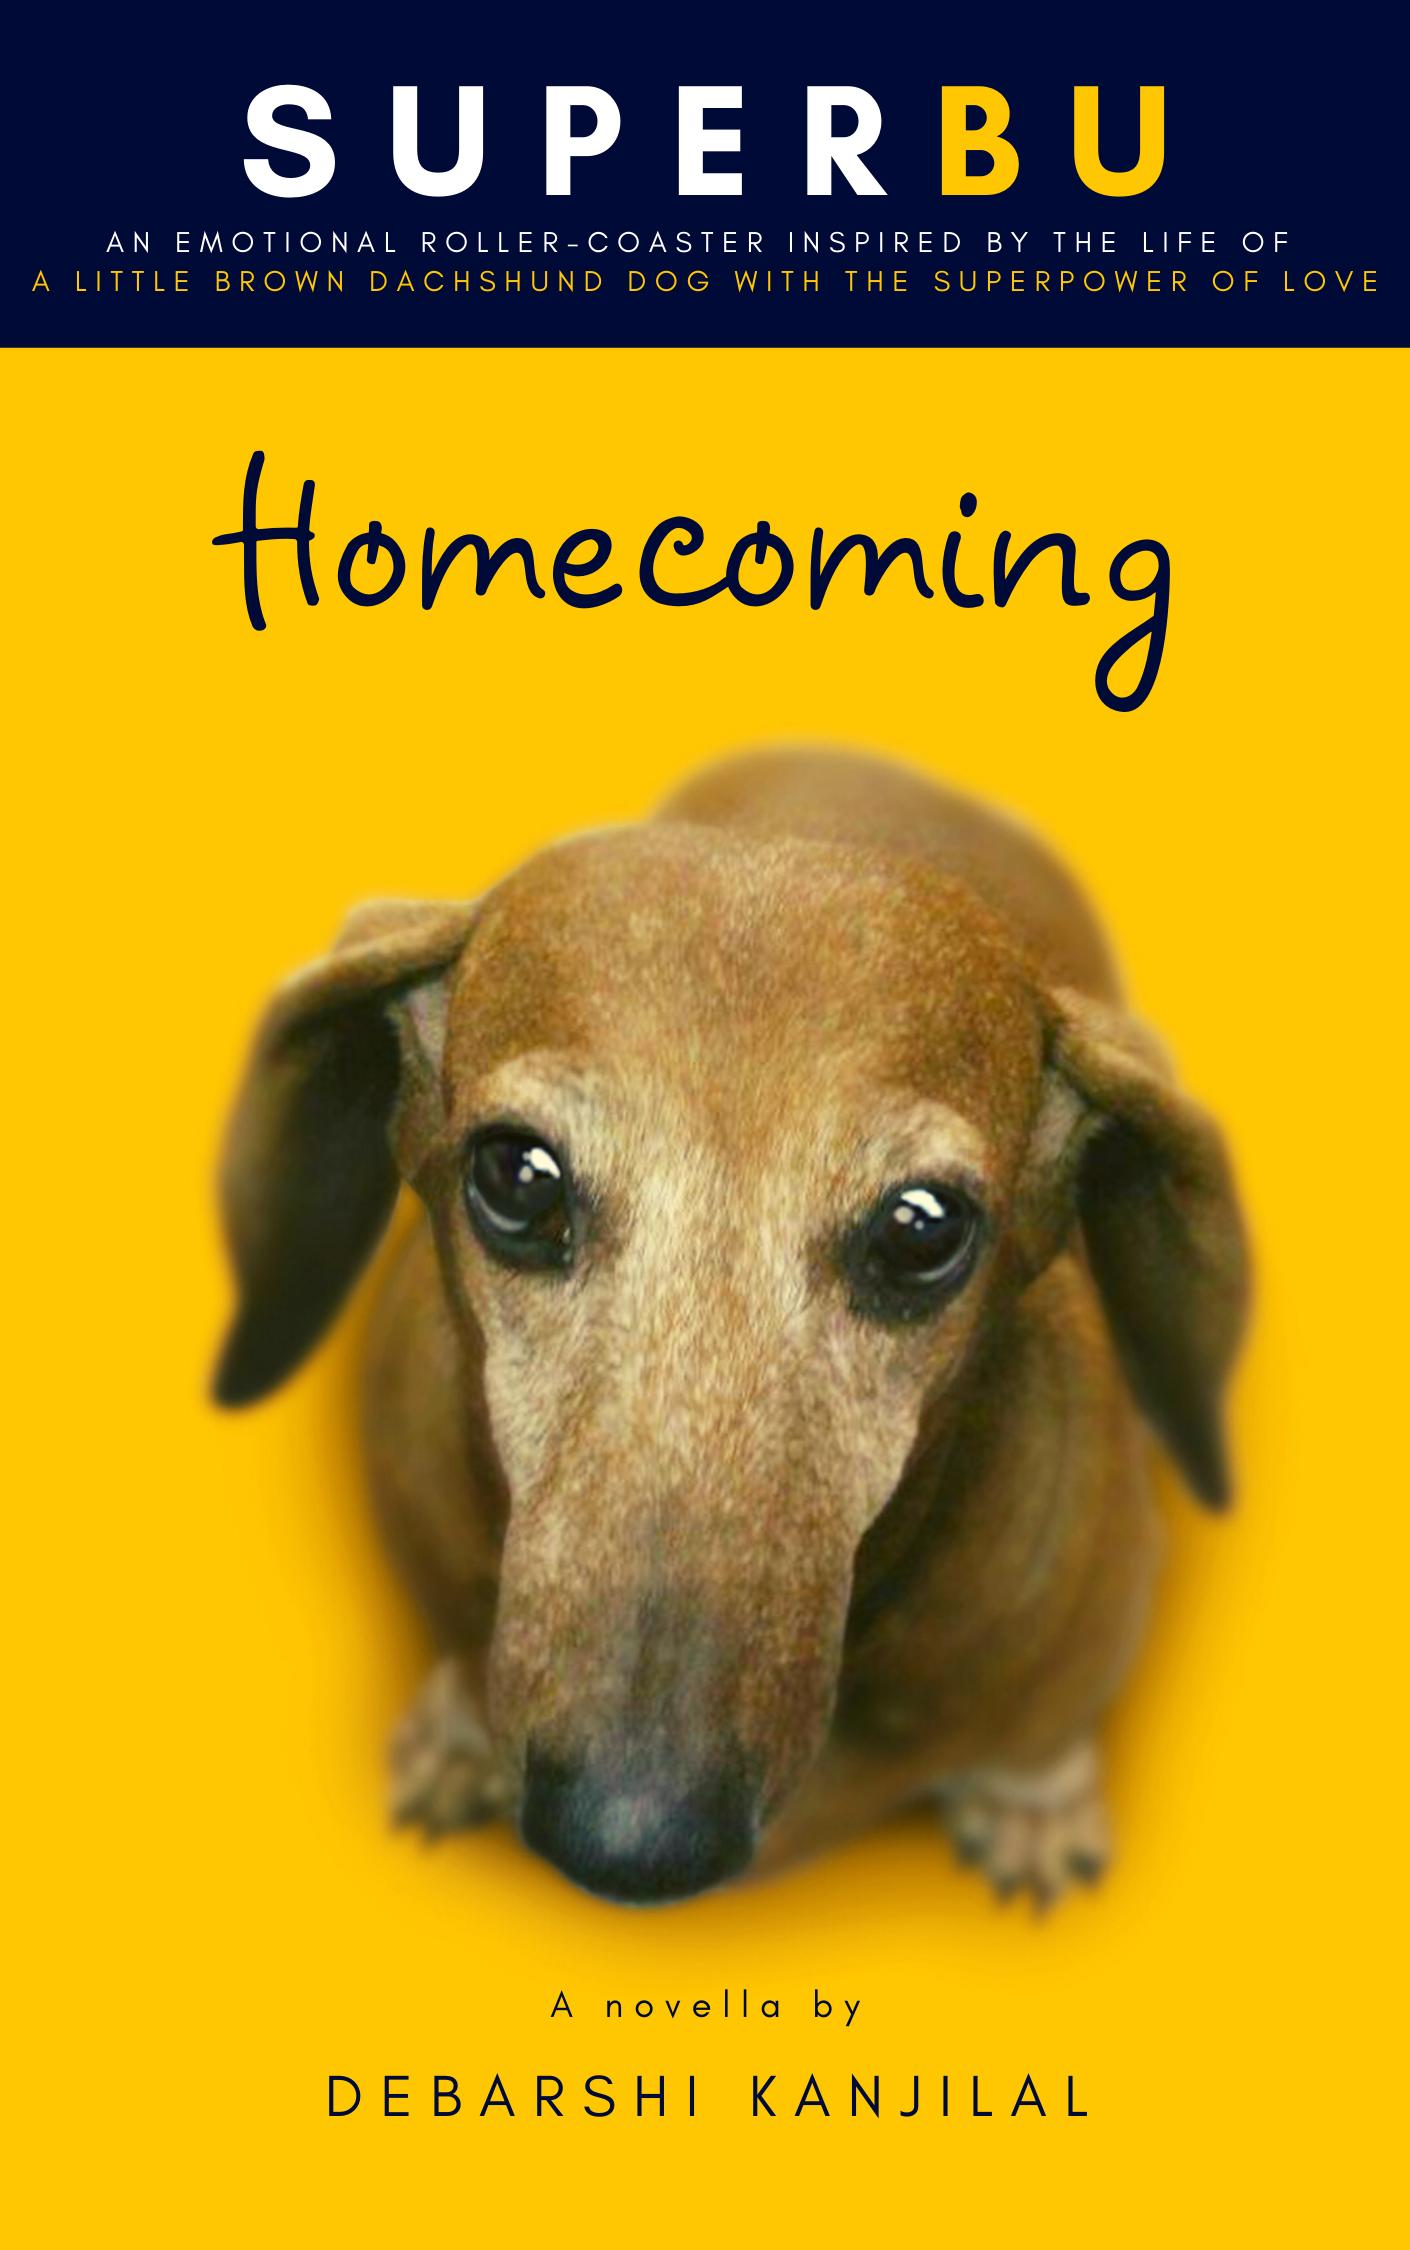 SUPERBU Homecoming cover